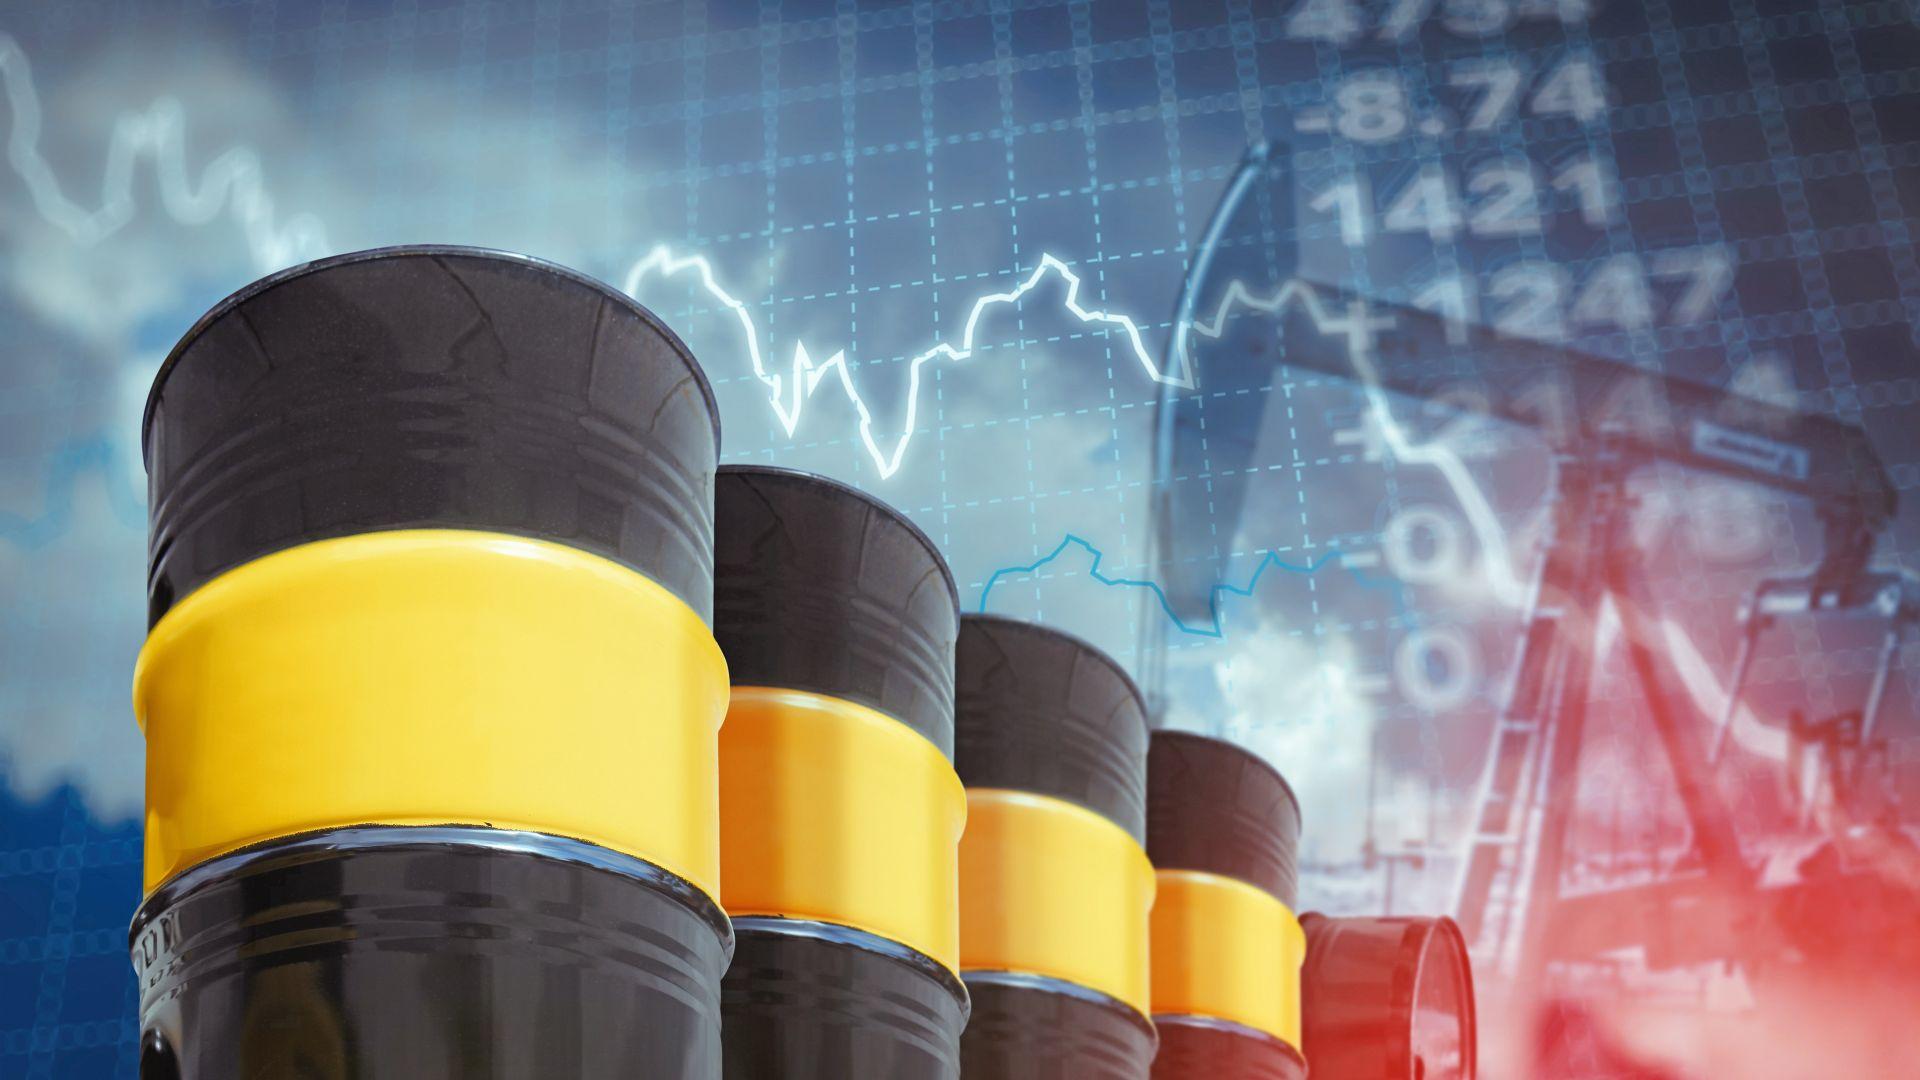 Паун Илчев оглавява Държавната петролна компания